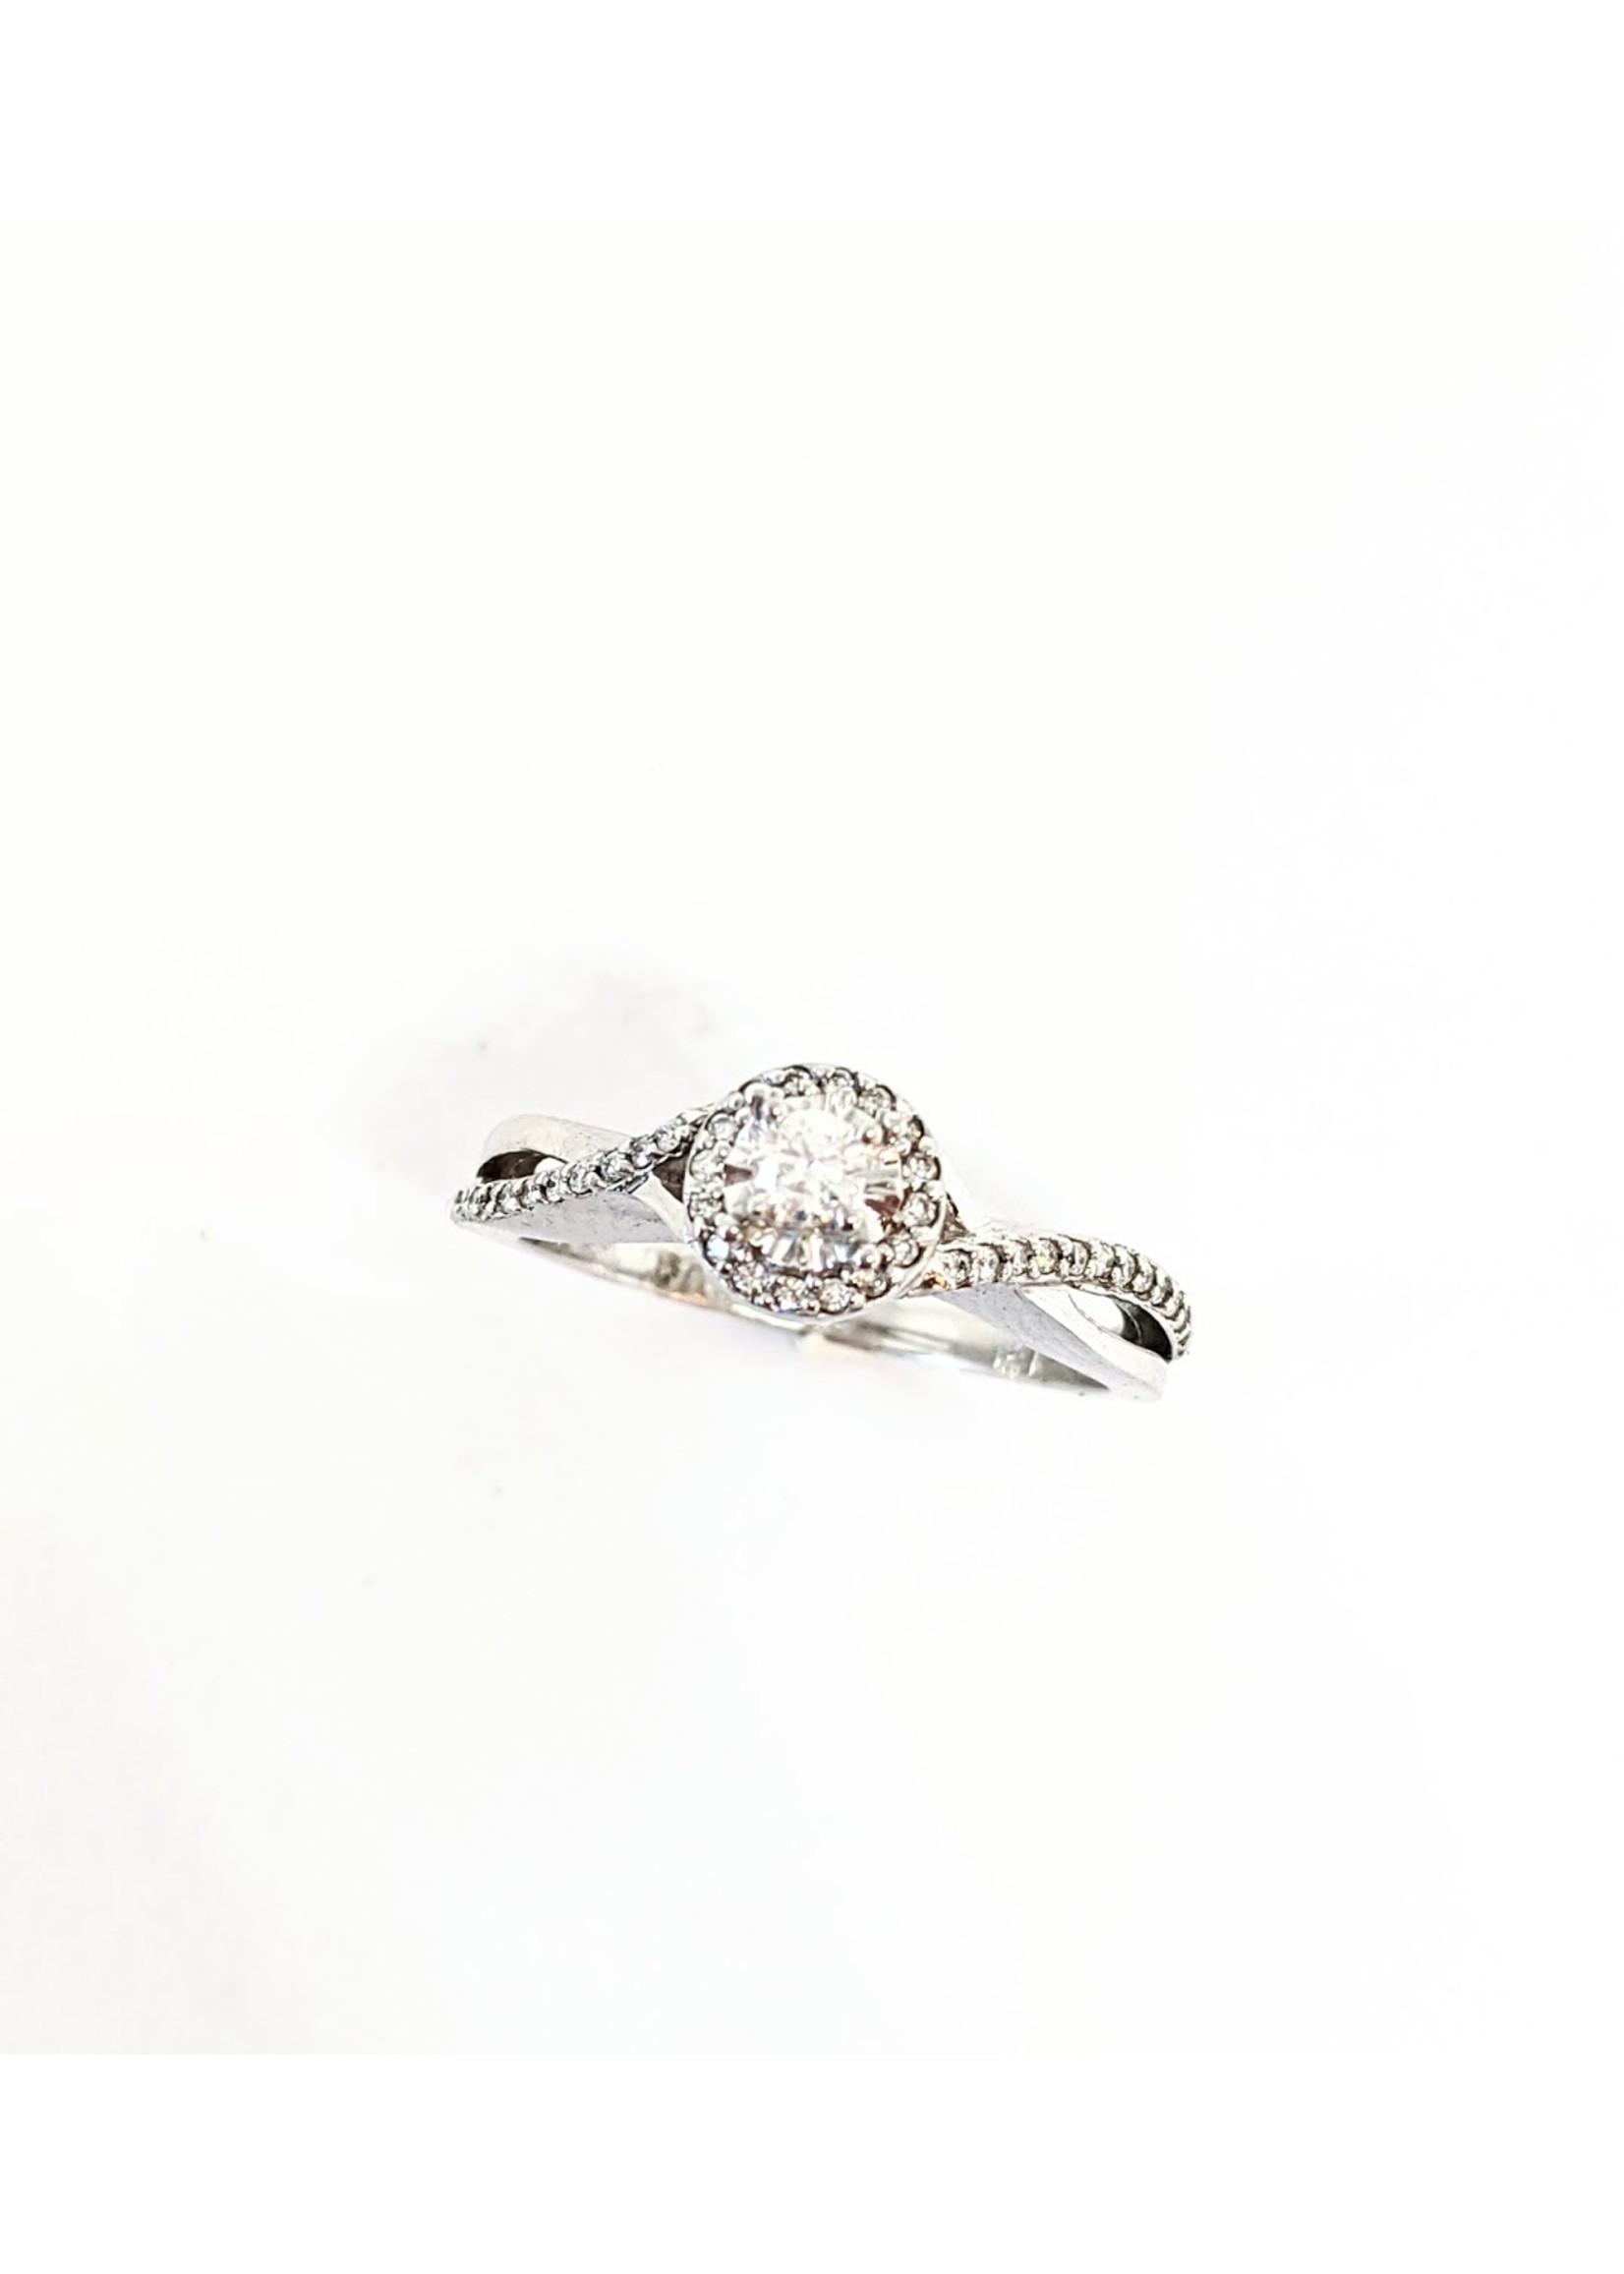 PARÉ Bague entre-croisés Or blanc 14K avec Diamants